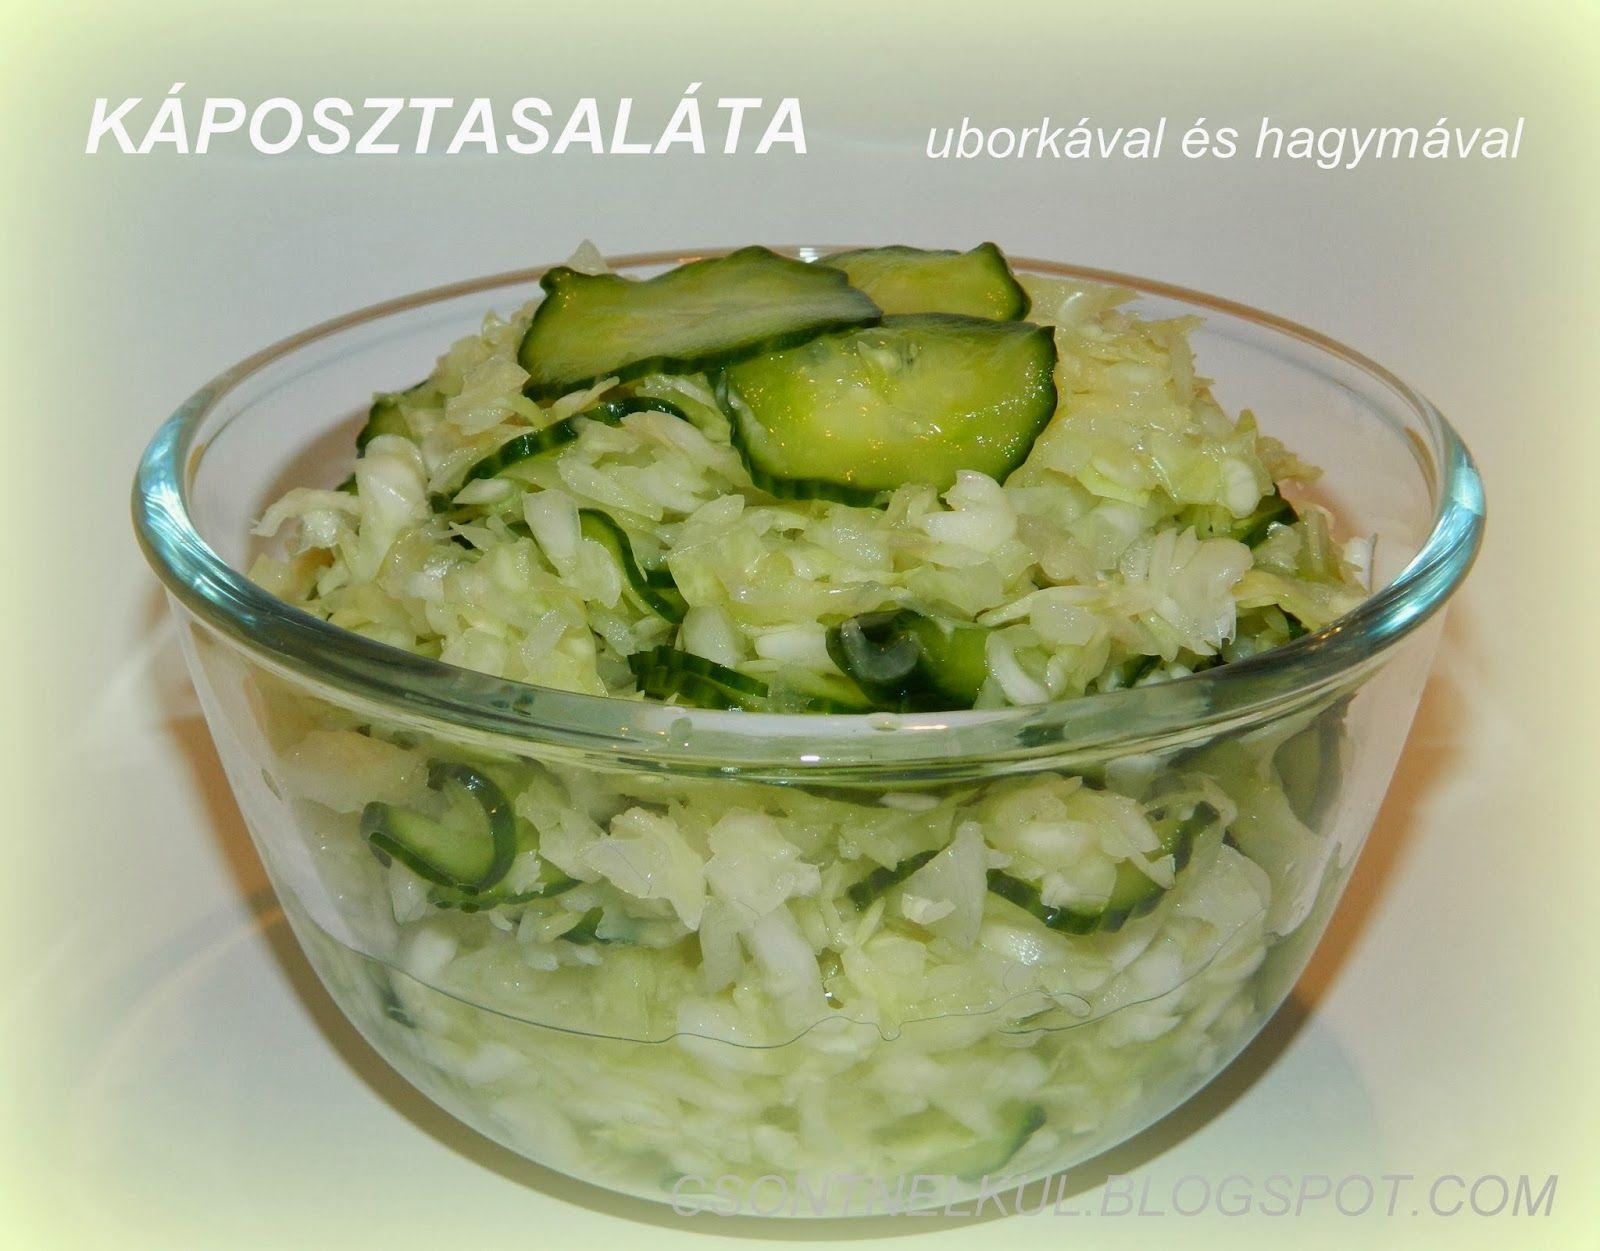 káposzta saláta a fogyáshoz